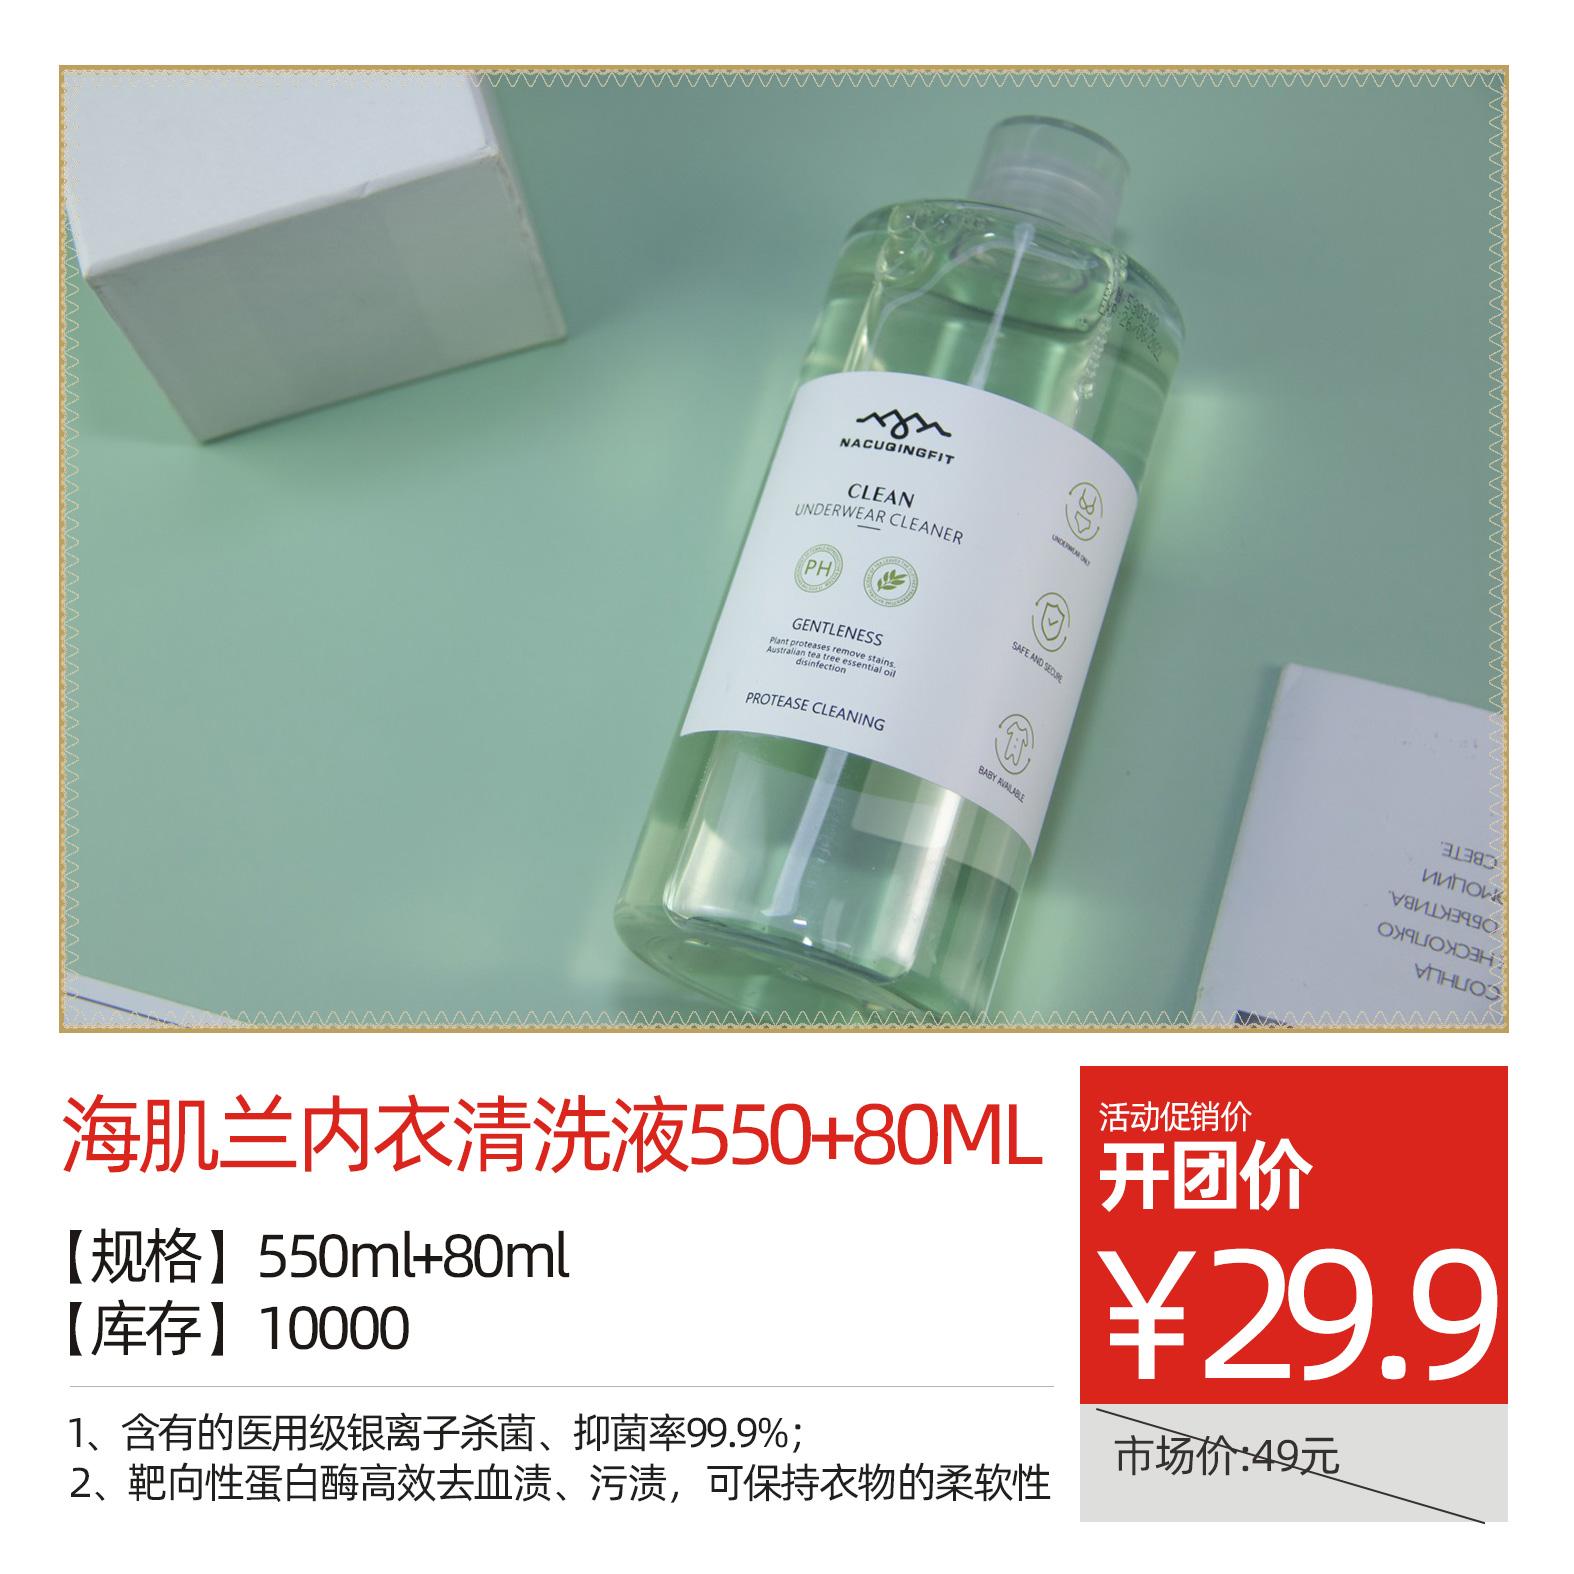 海肌兰内衣清洗液550+80ml